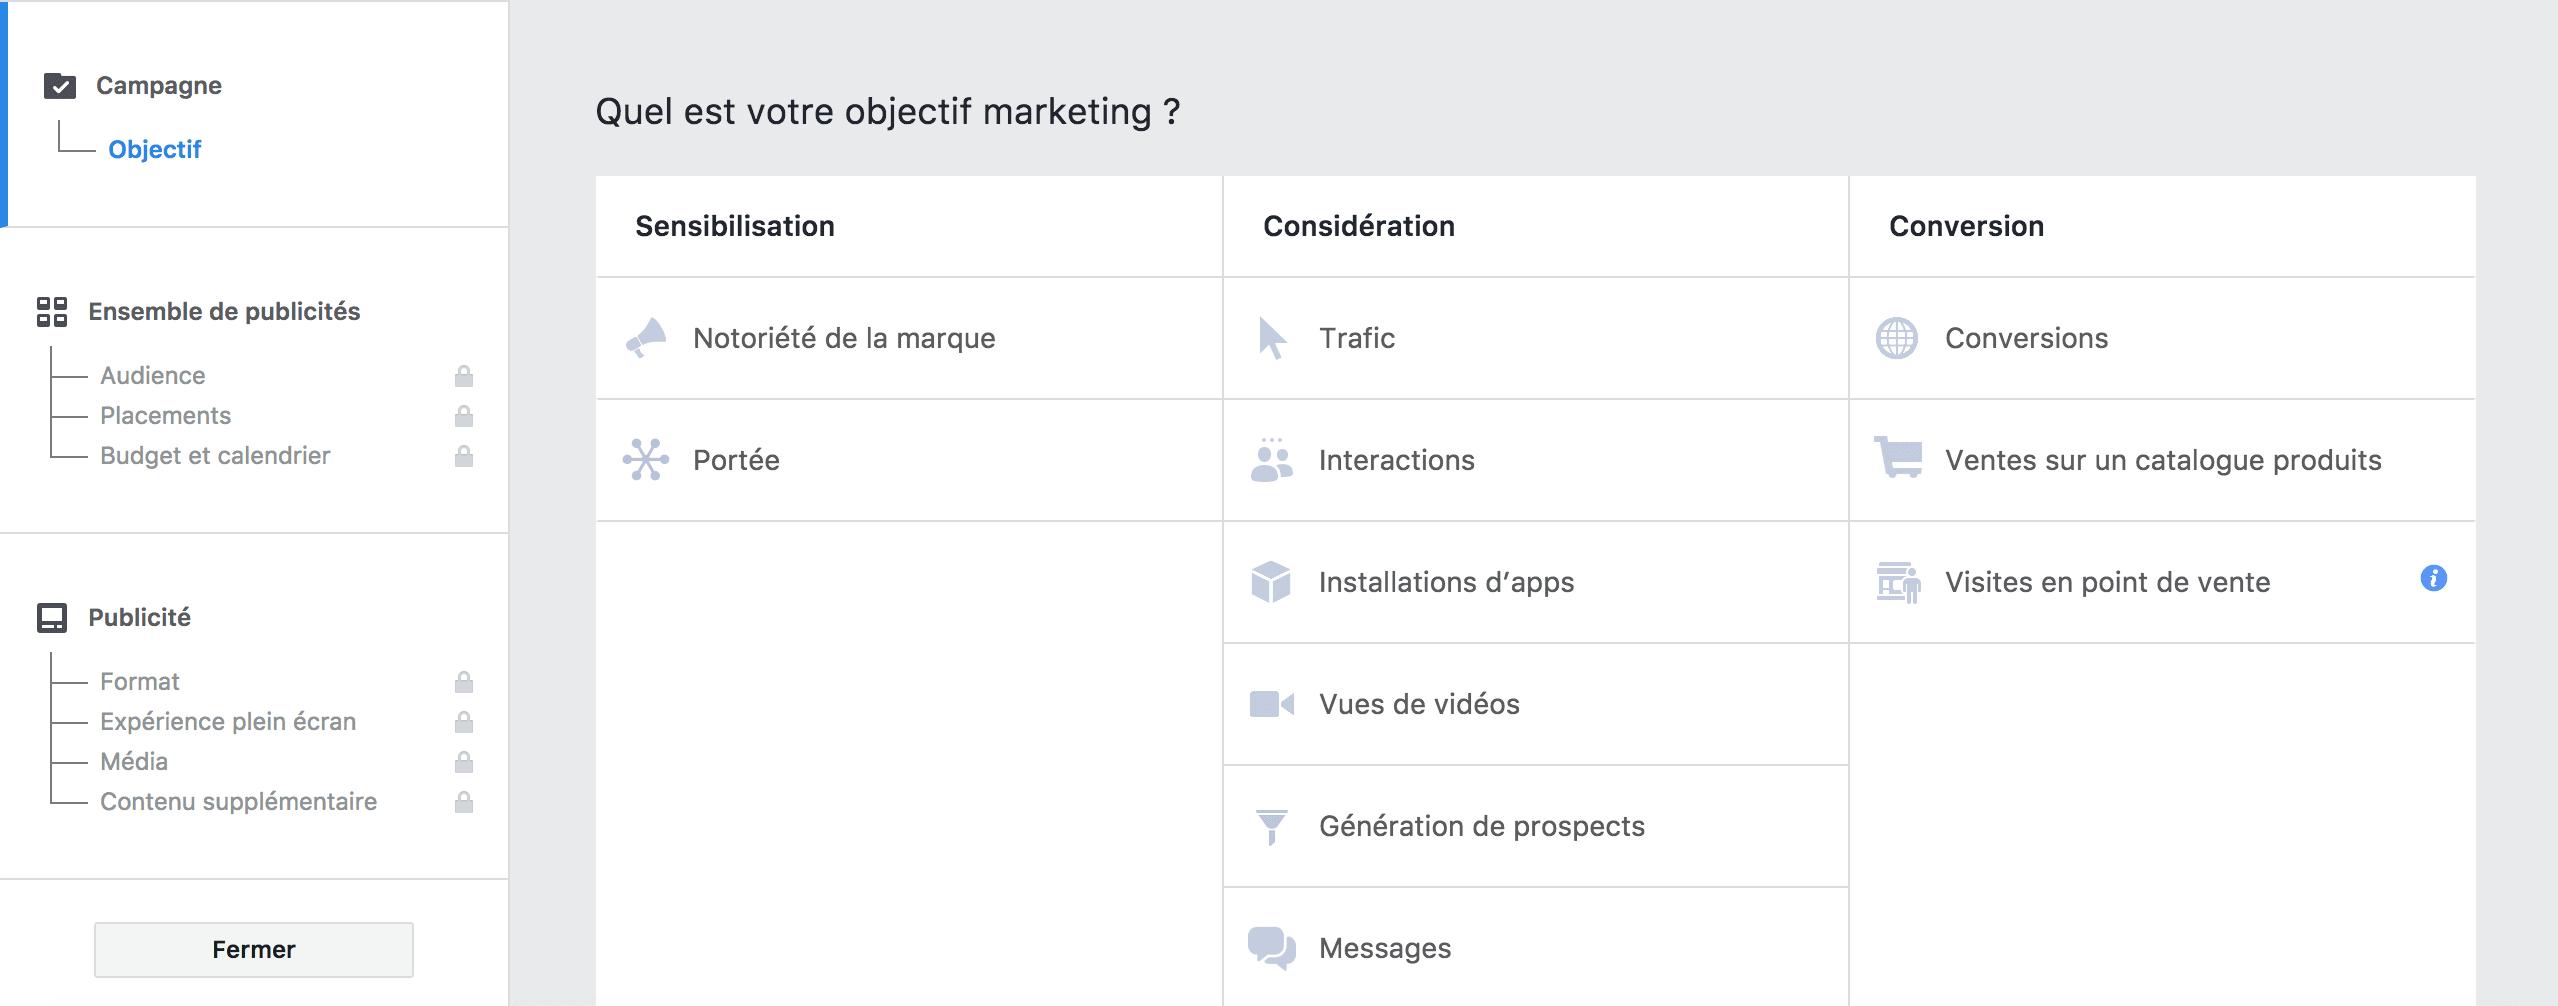 Facebook Vous Laisse Choisir Entre Plusieurs Objectifs Pour Instagram Avez Egalement Acces A Ces